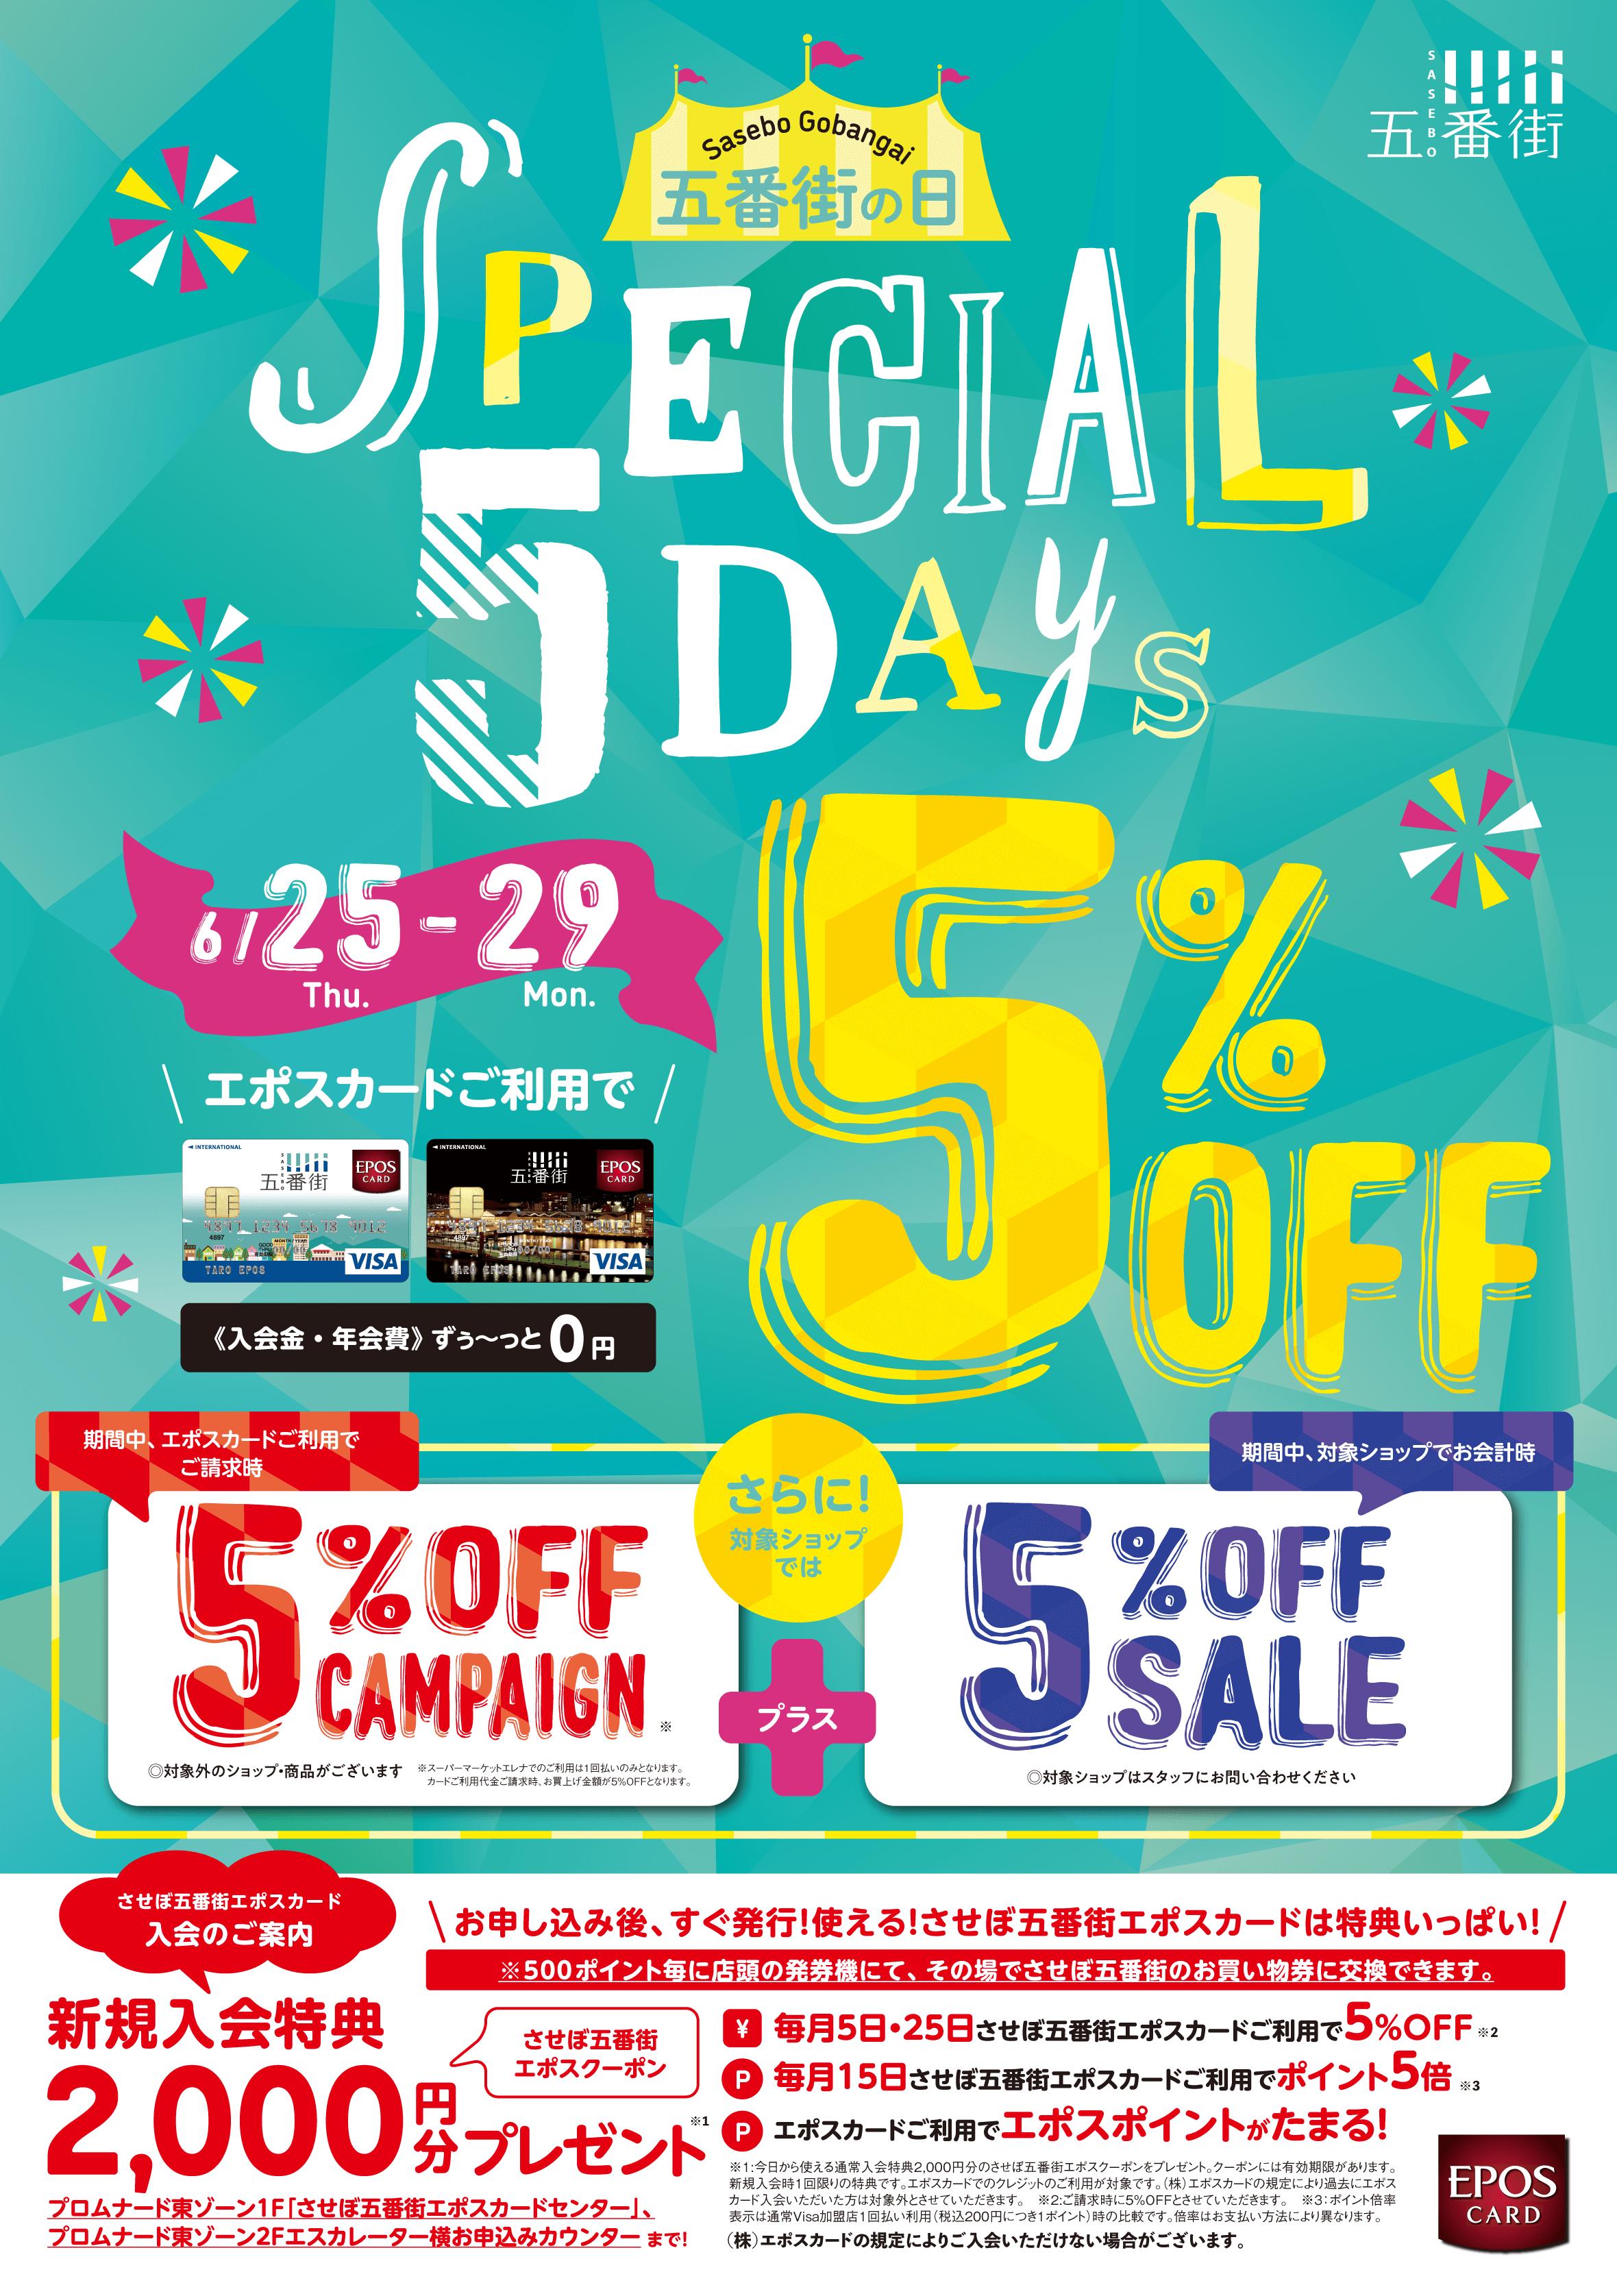 五番街の日 SPECIAL 5DAYS  6/25Thu.〜29Mon. エポスカードご利用で5%OFF